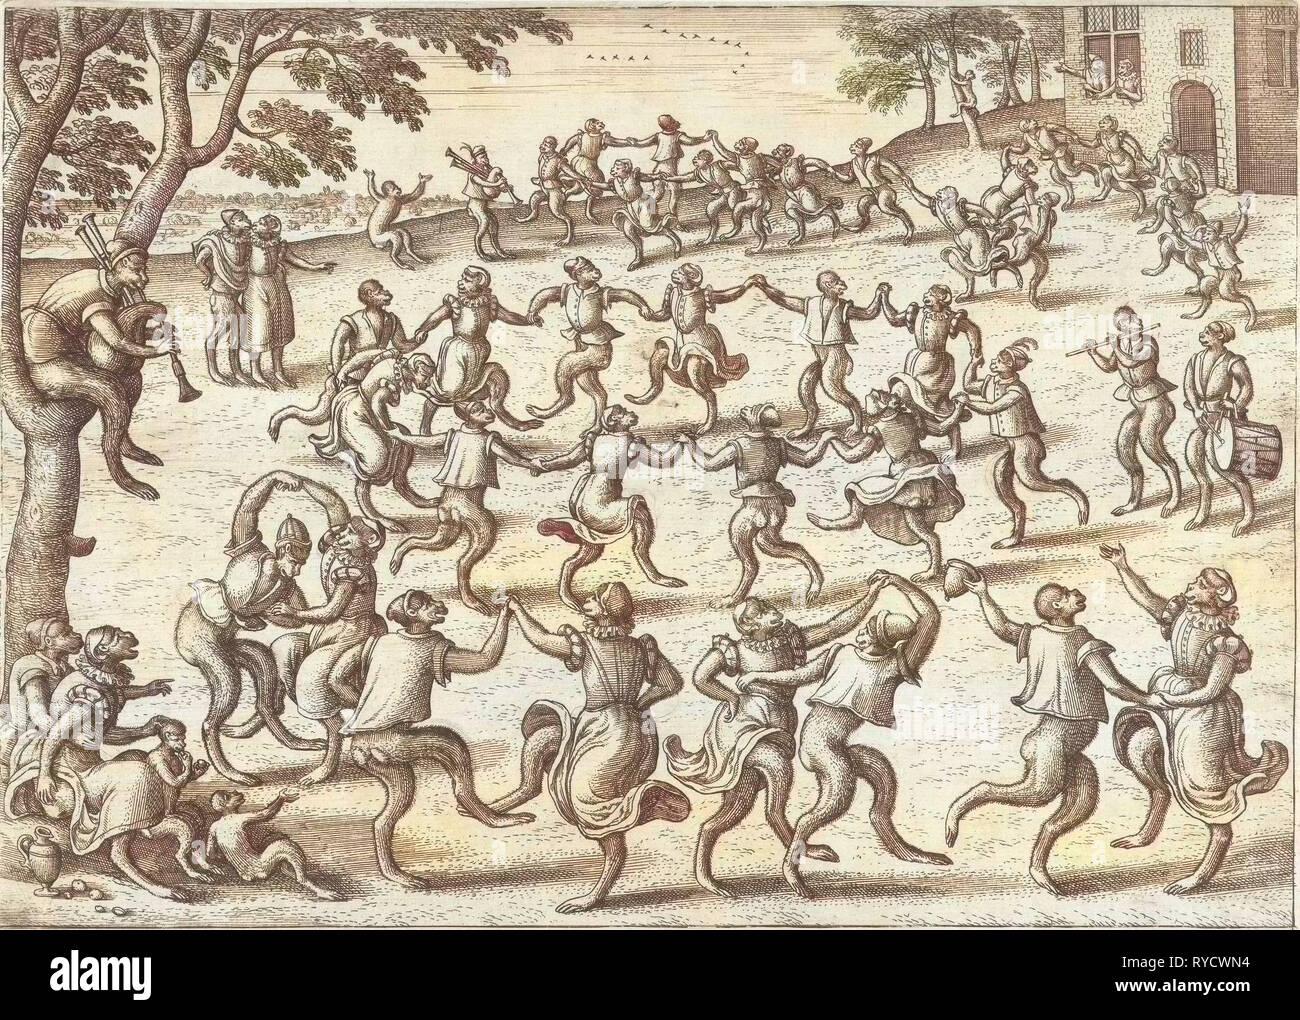 Round Dance, Pieter van der Borcht (I), Philips Galle, 1545 - 1608 - Stock Image